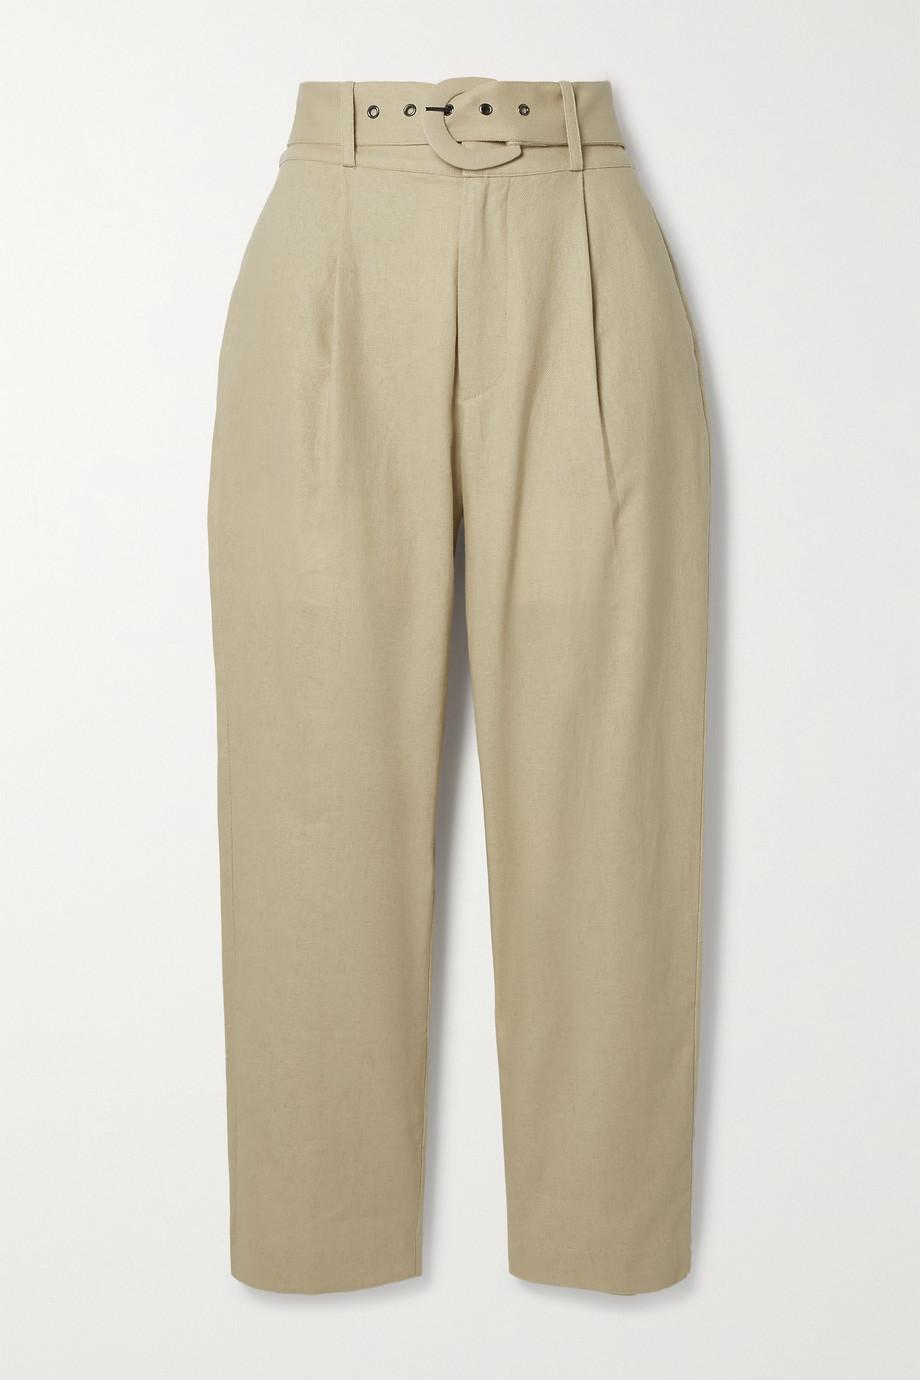 Anine Bing Pantalon droit en coton et lin mélangés à ceinture Elyse